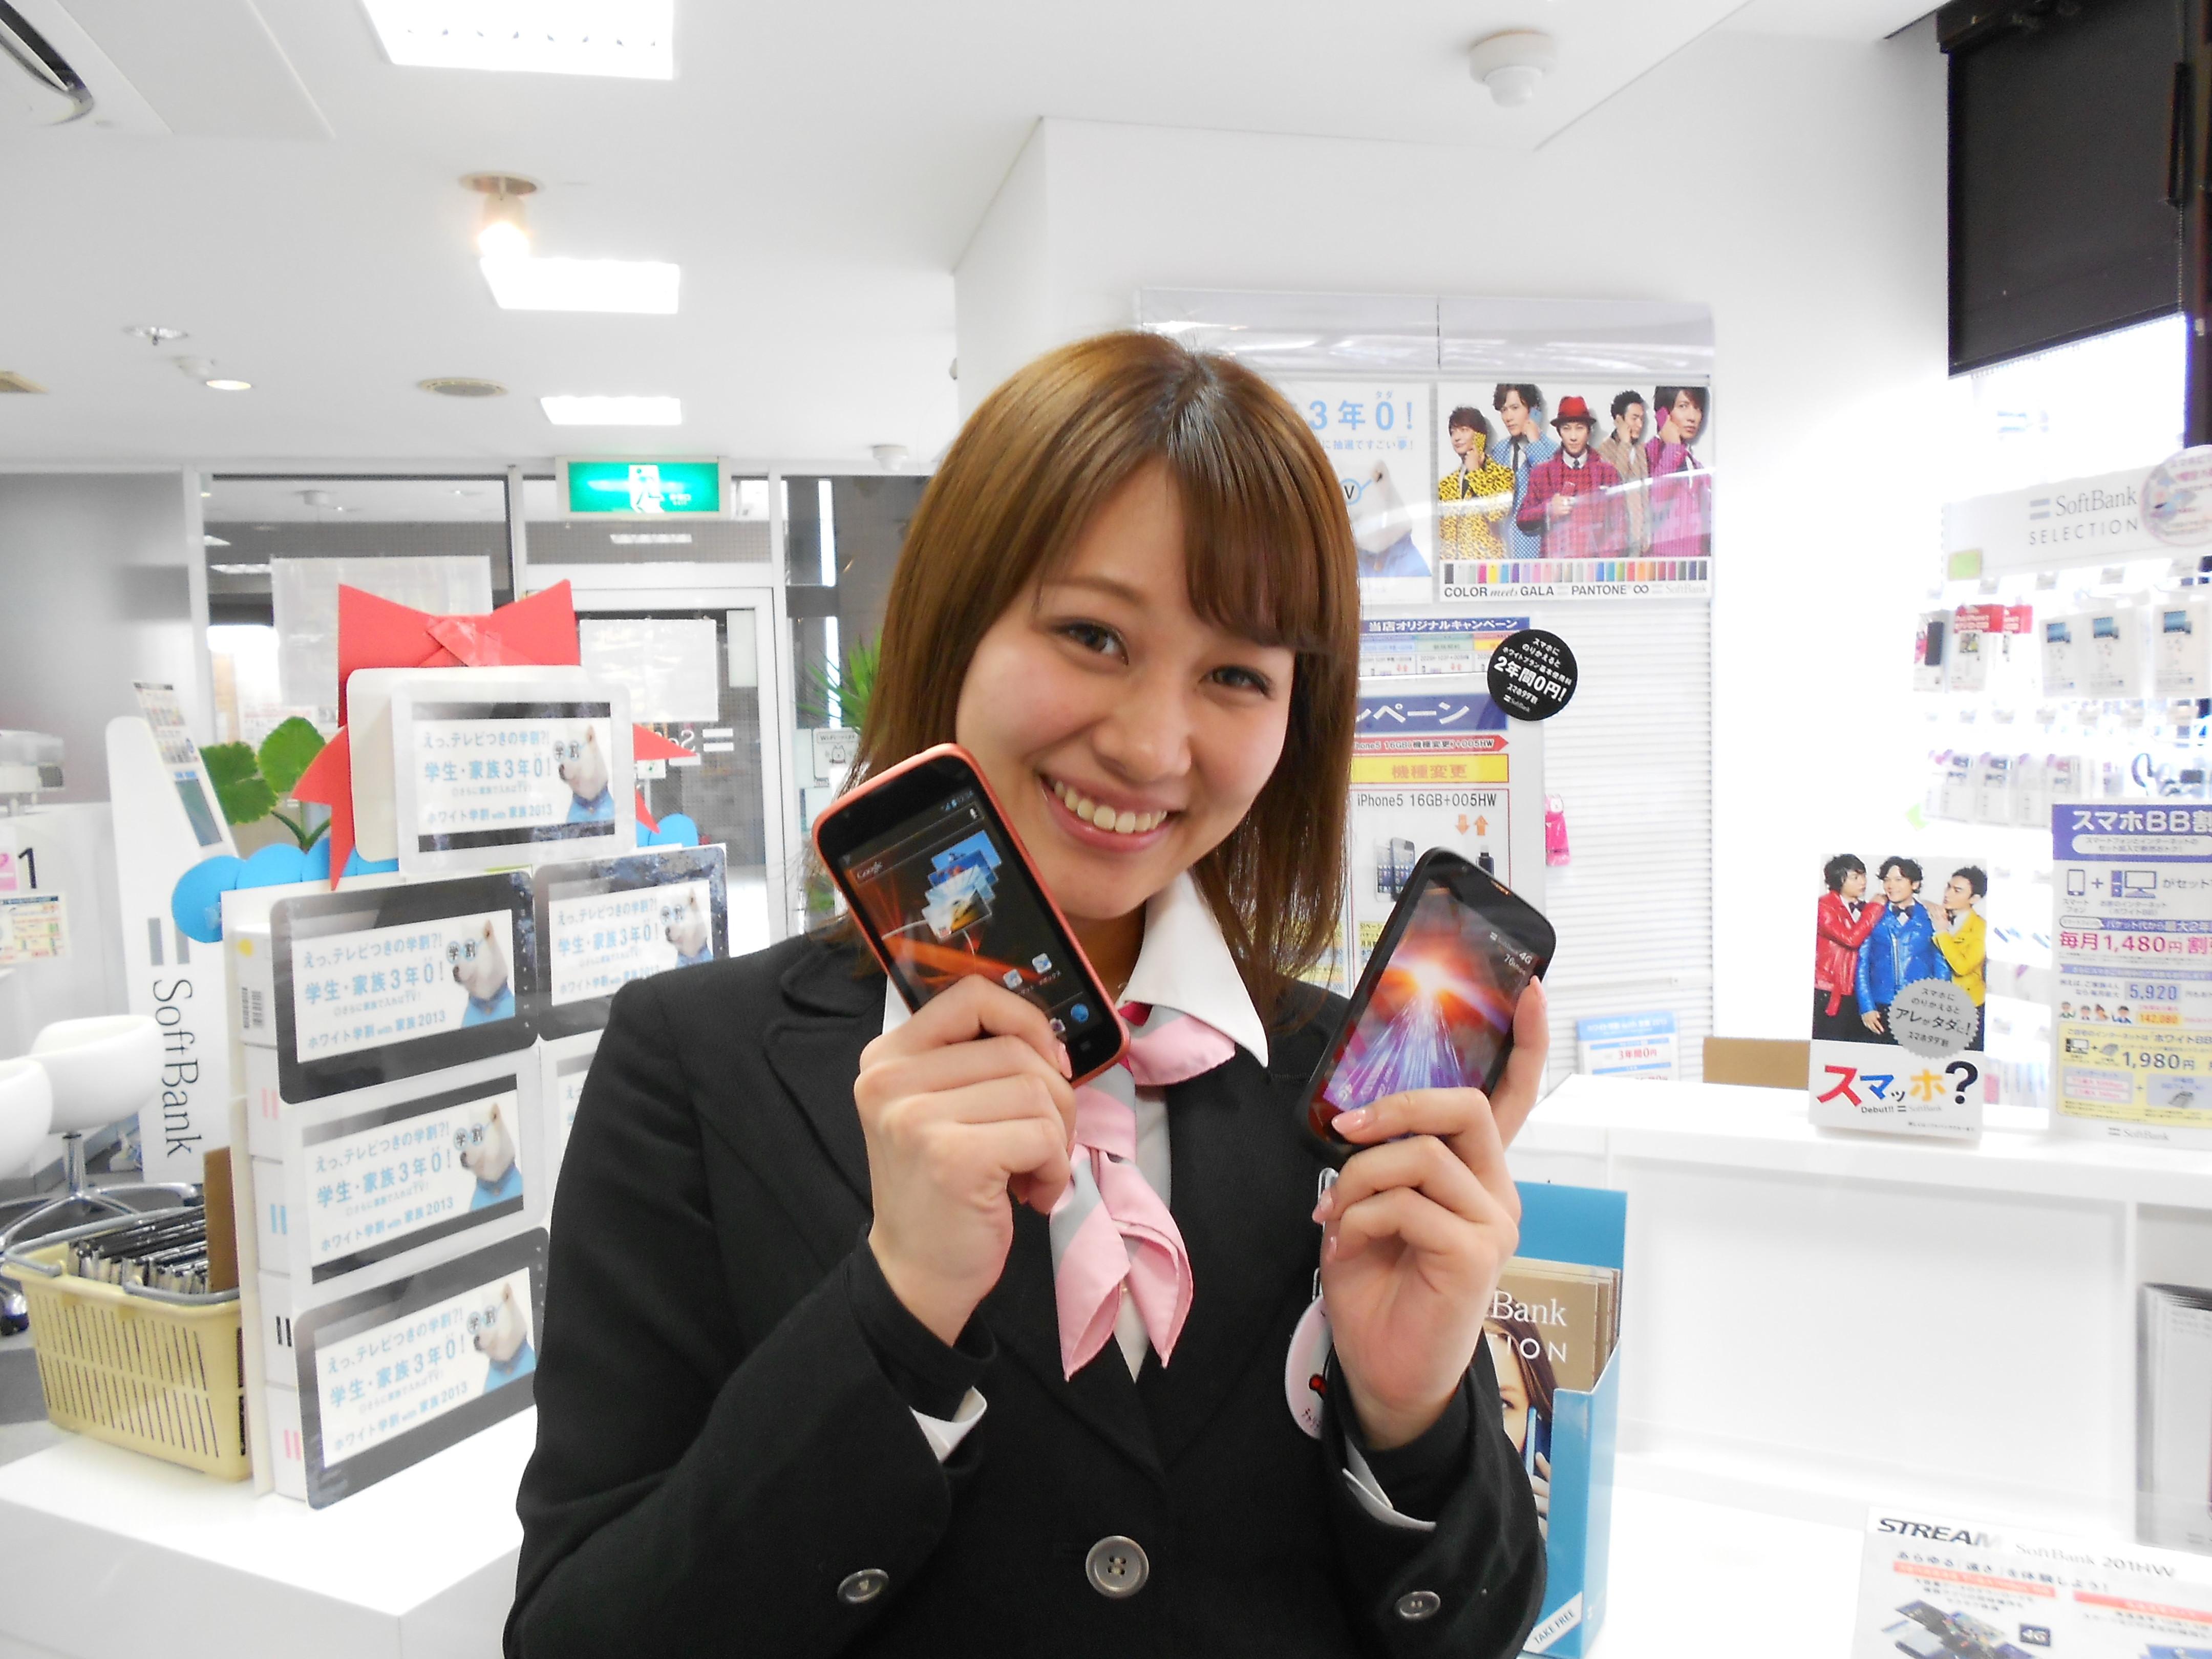 ソフトバンク 狛江(株式会社シエロ)のアルバイト情報